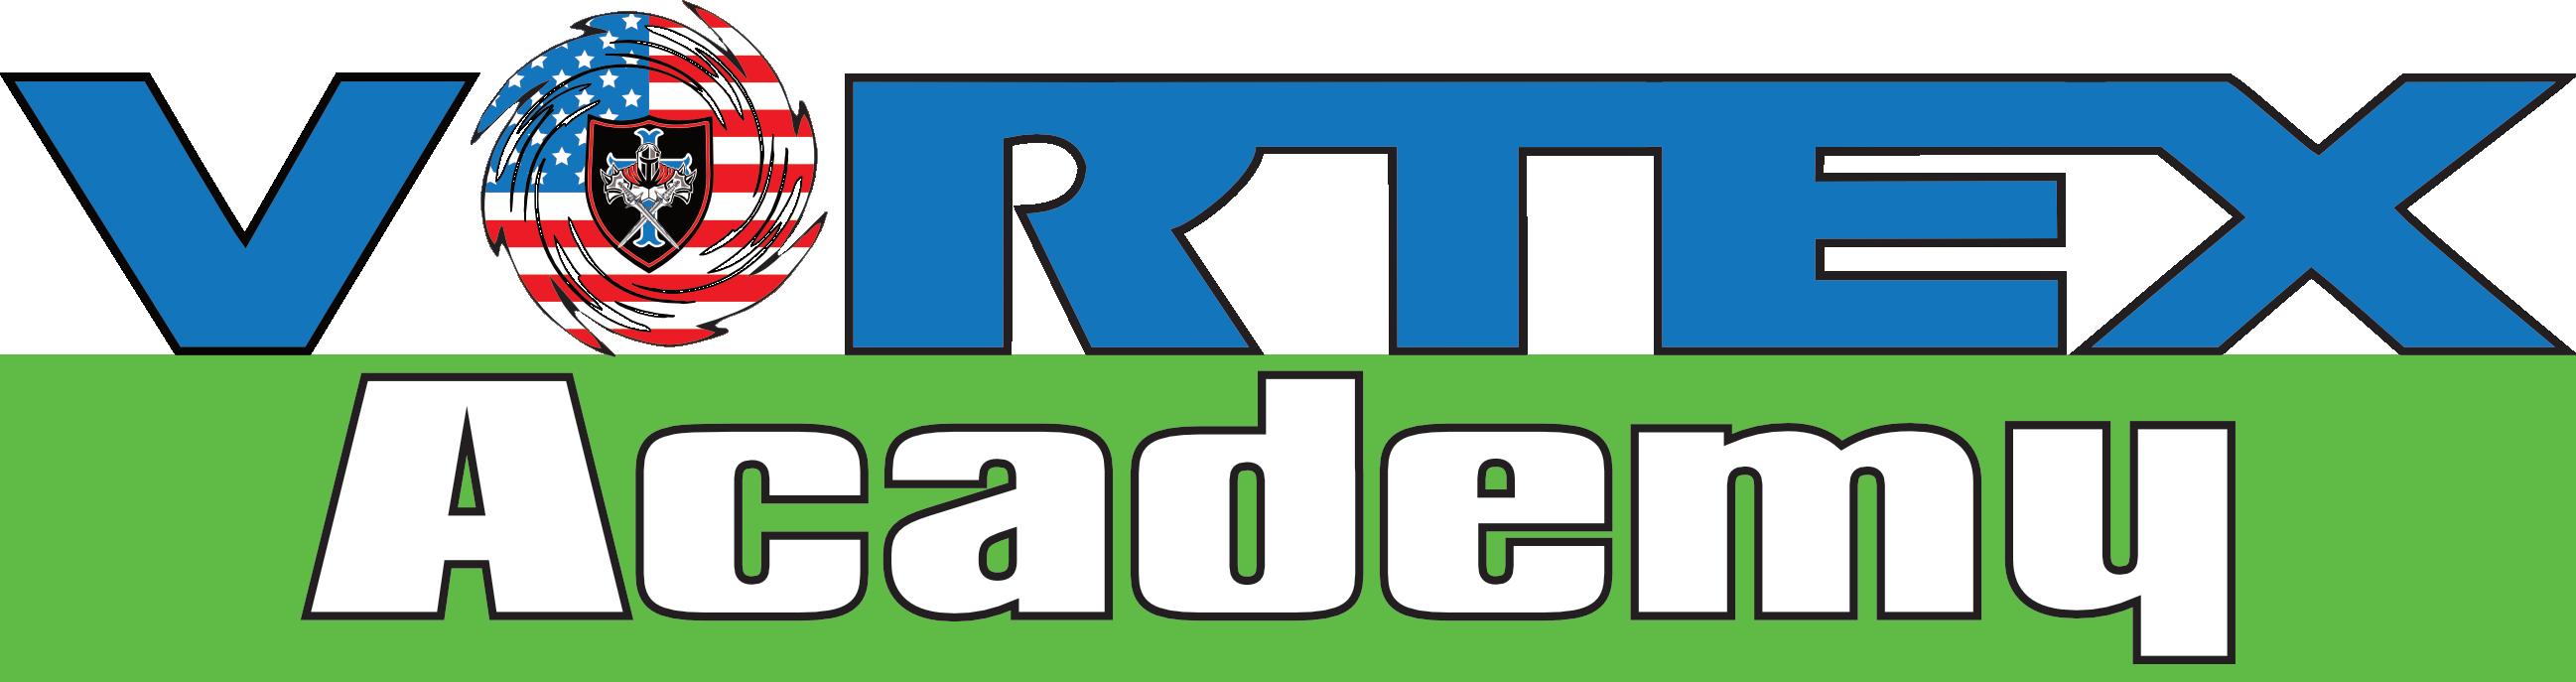 Vortex Academy - Leander